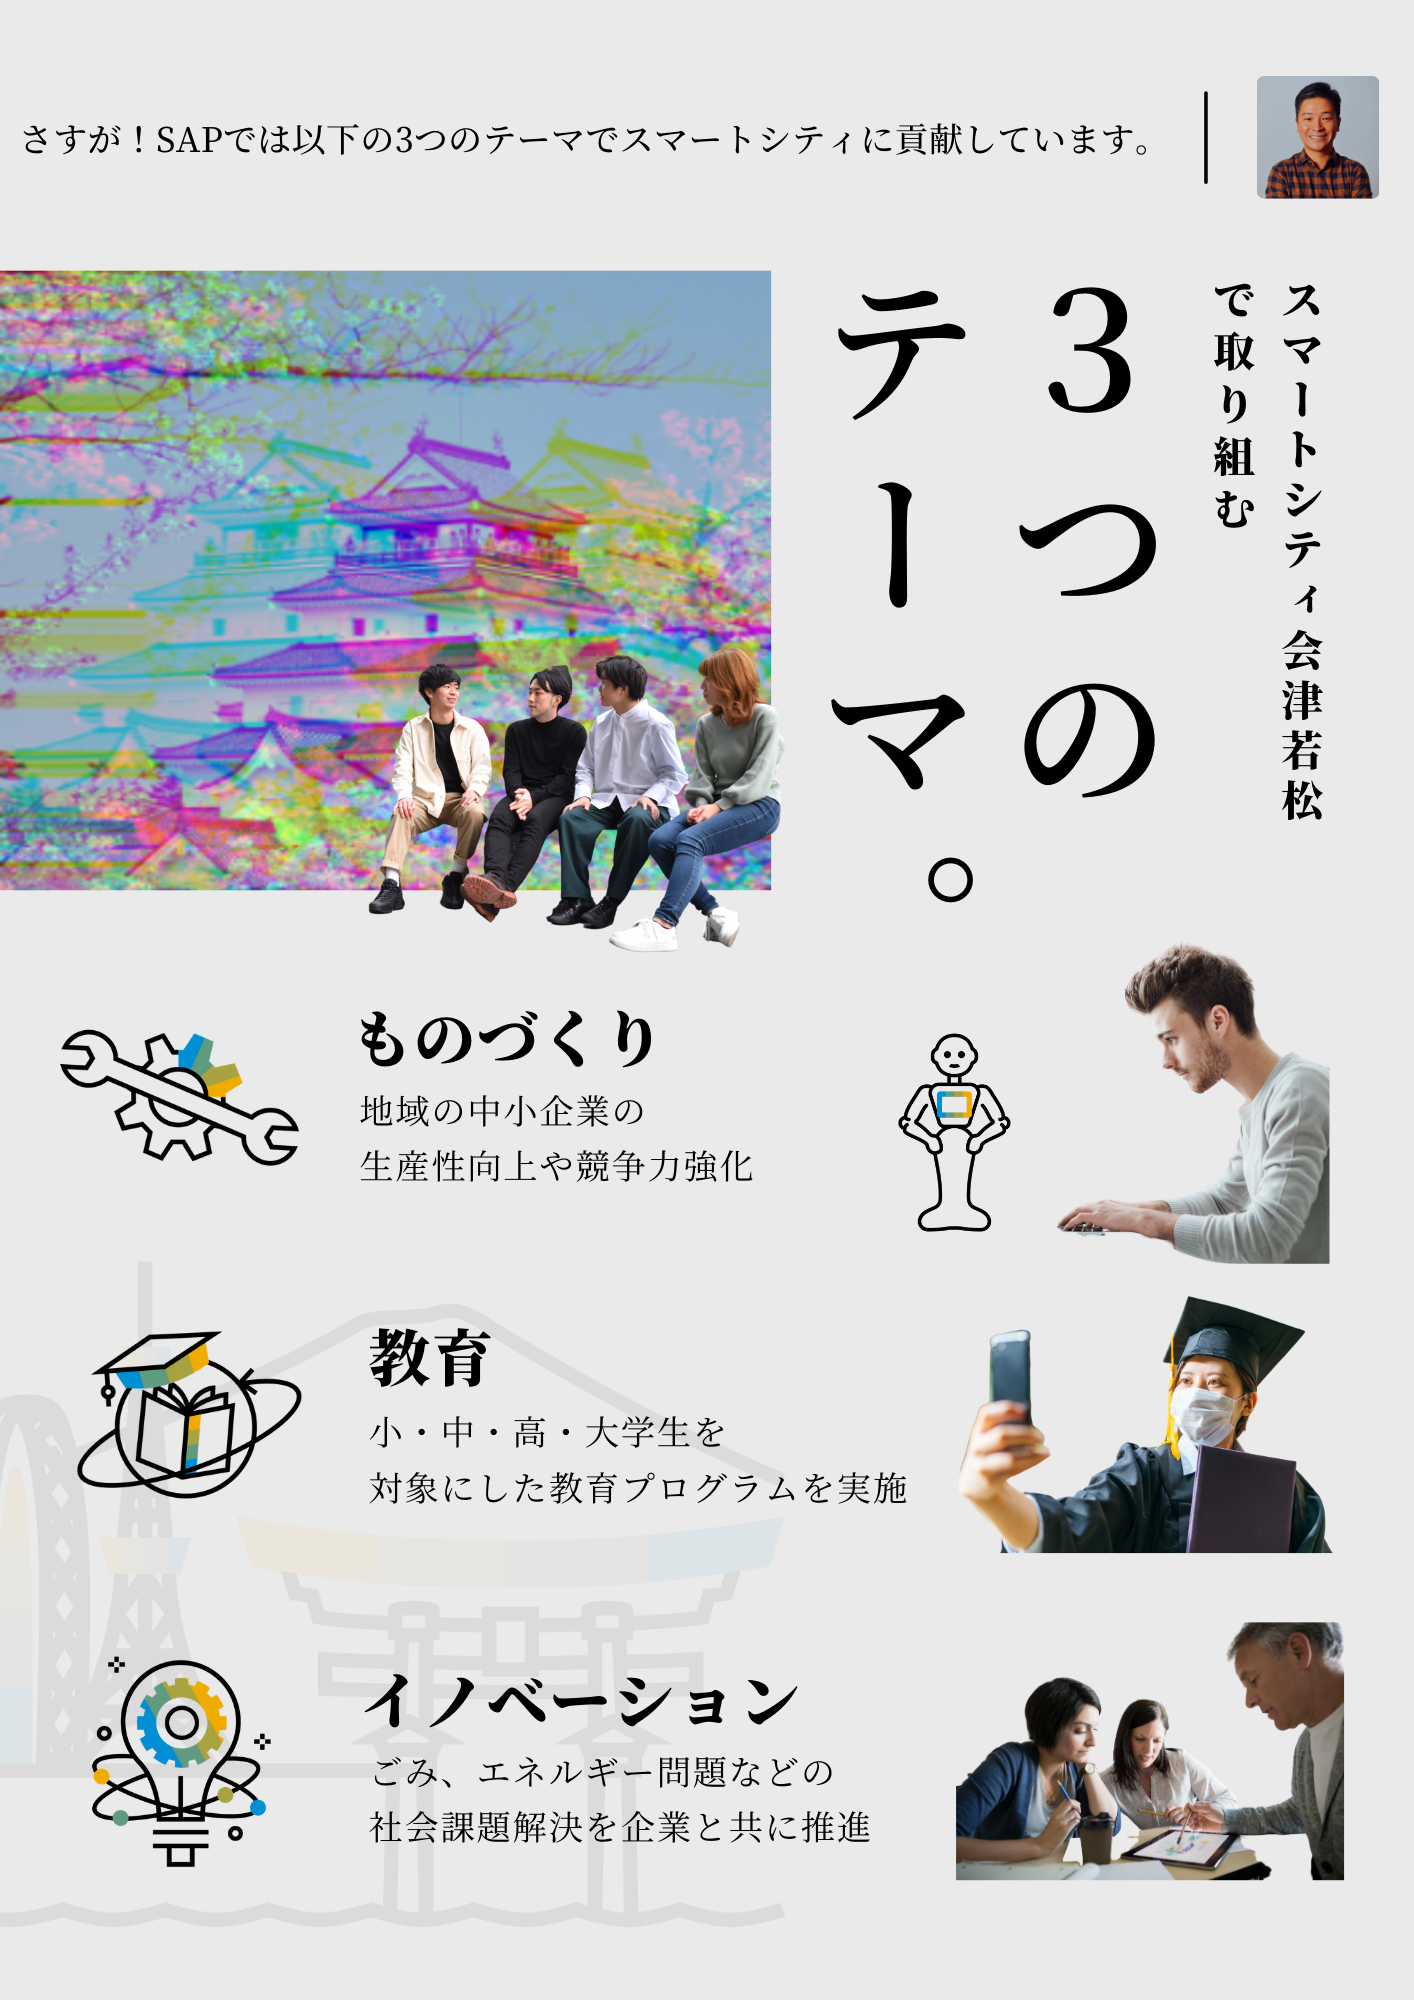 スマートシティ会津若松で取り組む3つのテーマ